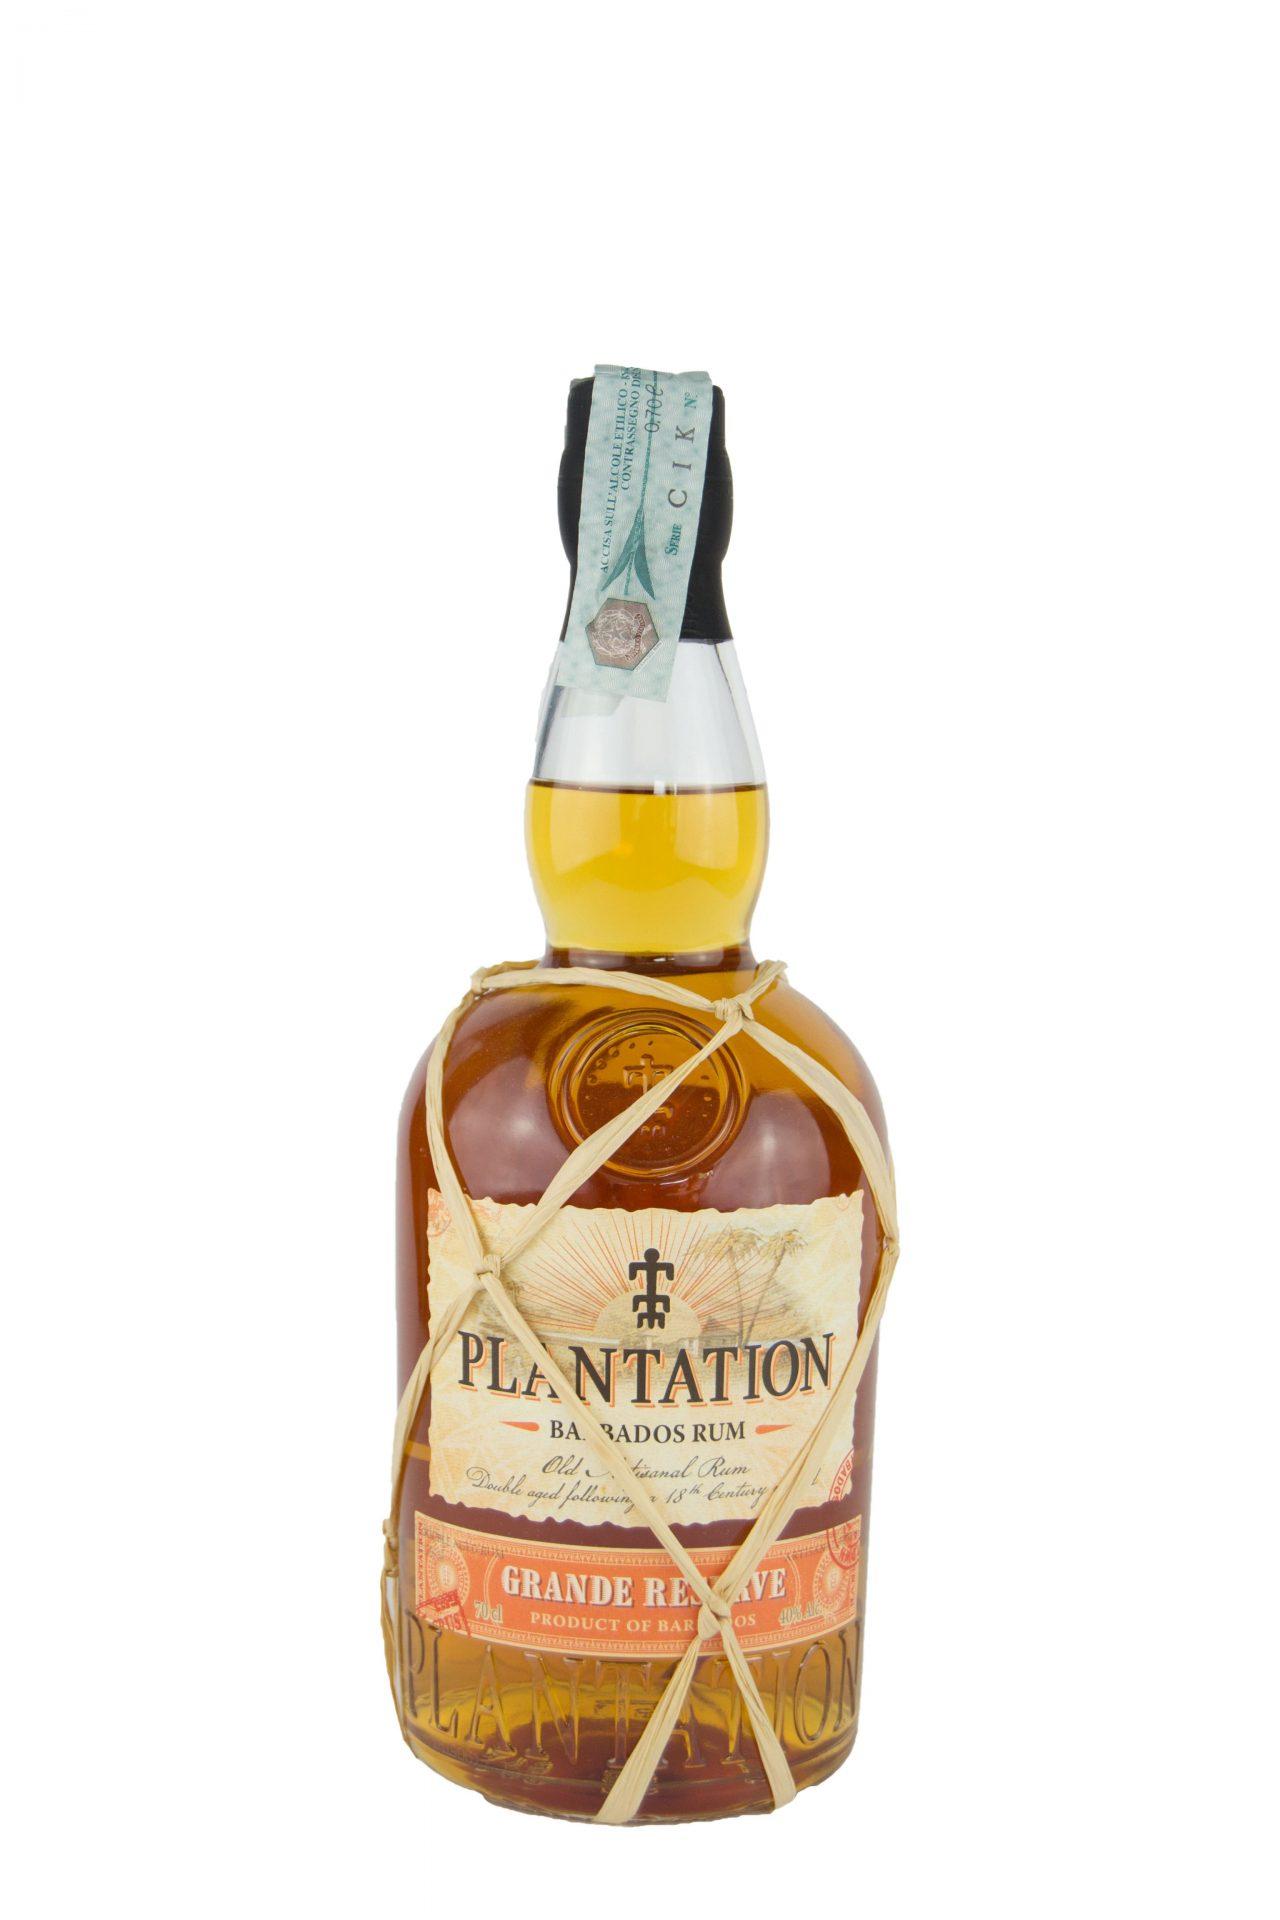 Plantation – Barbados Rum Grande Reserve